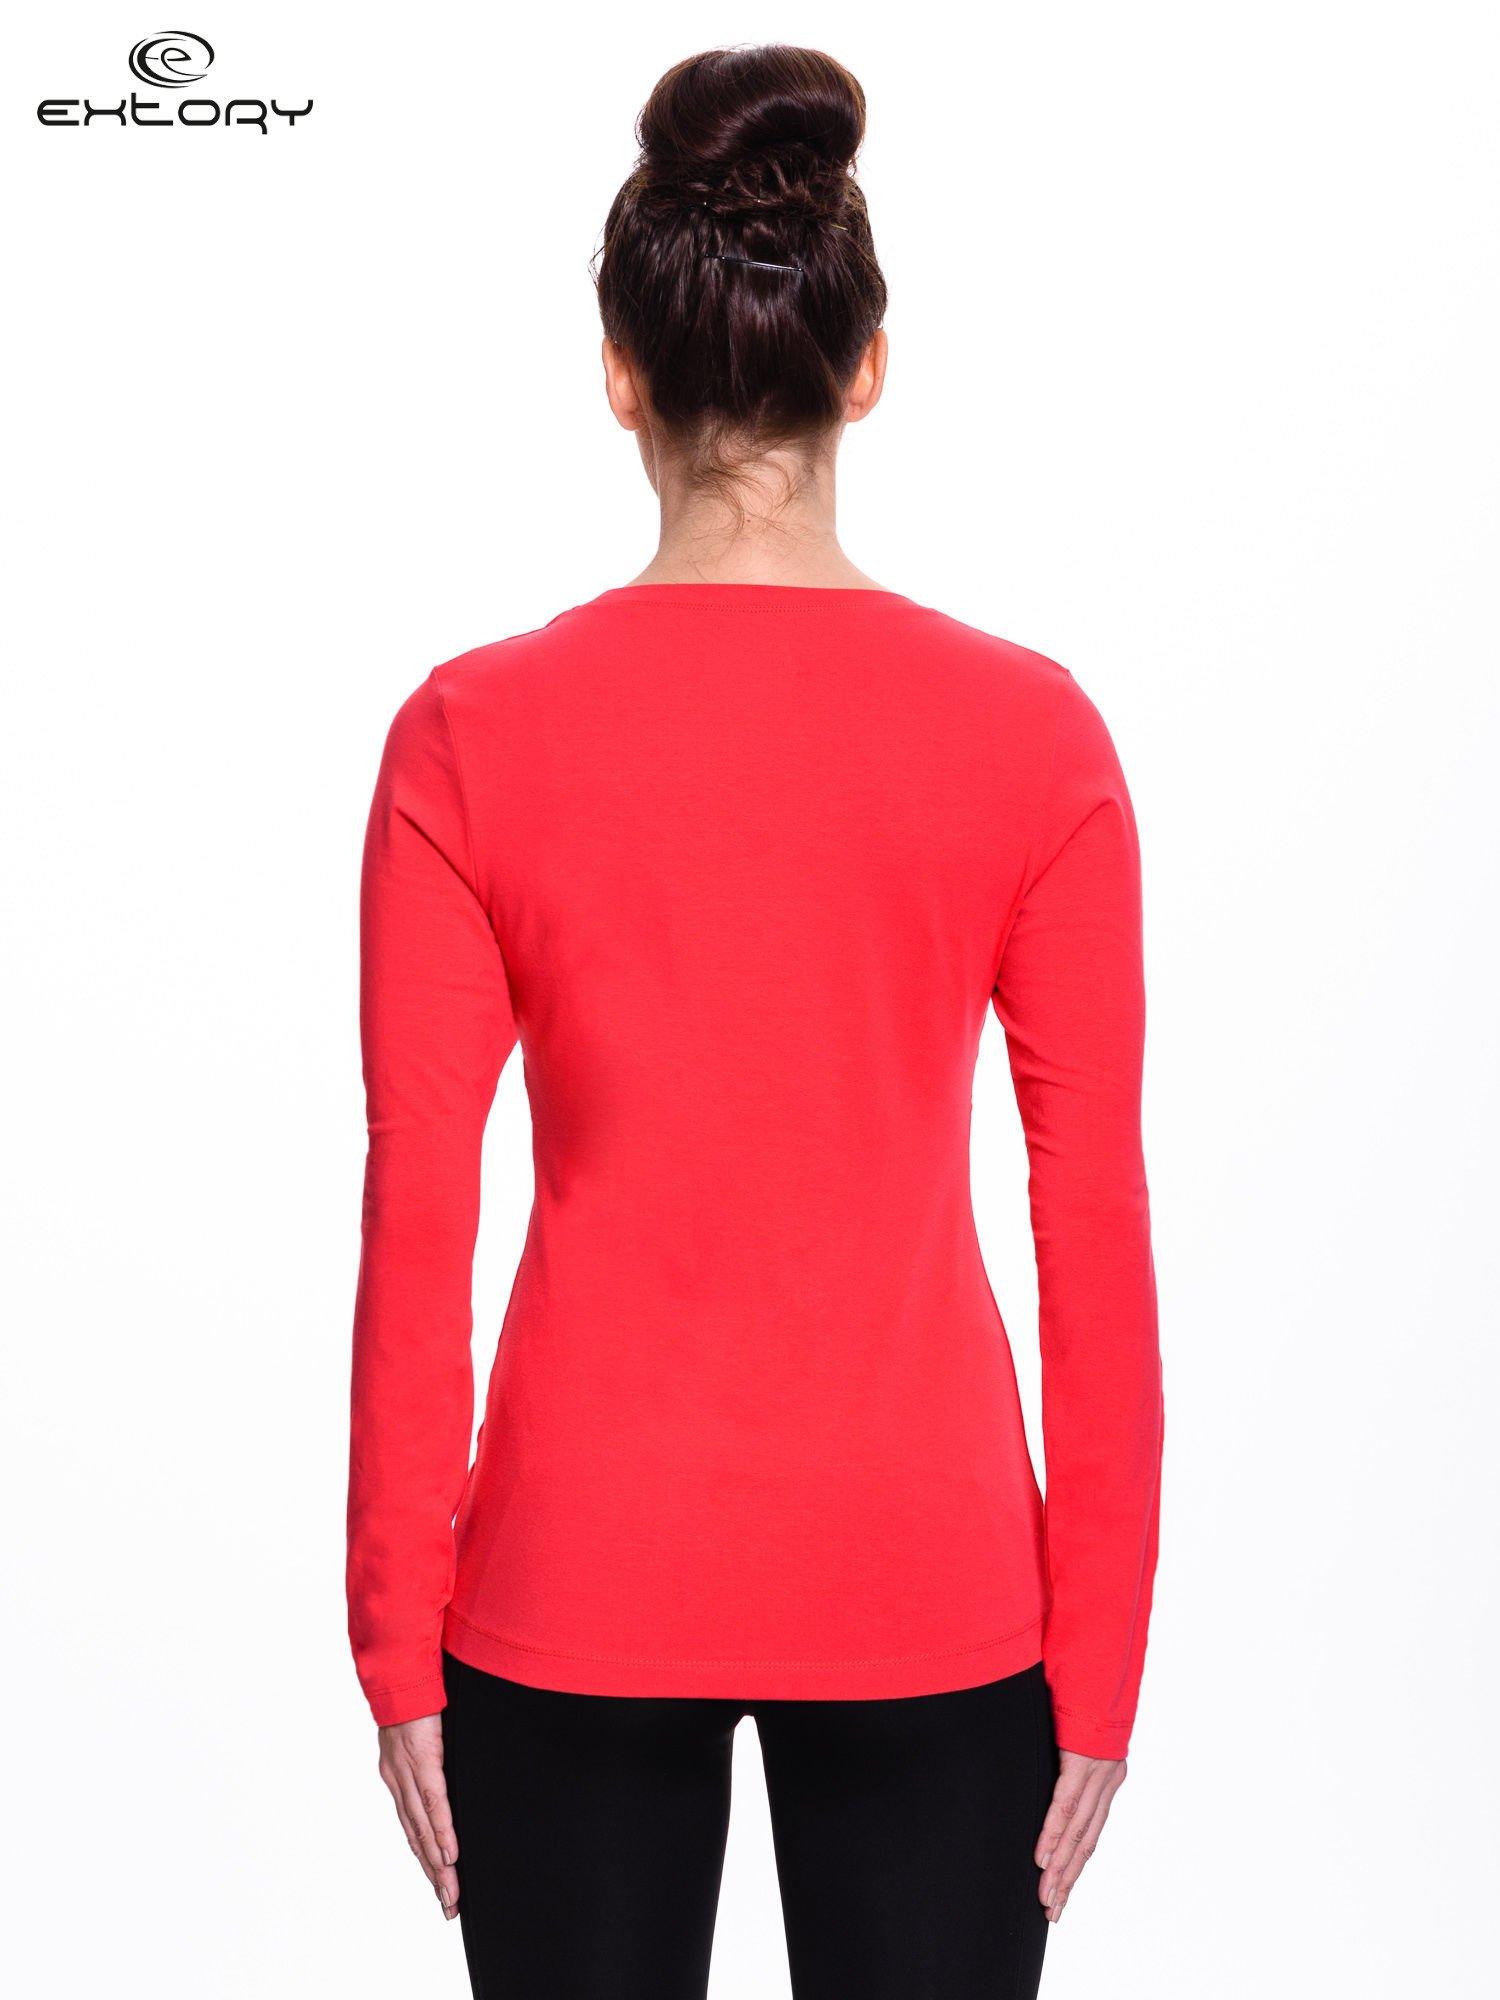 Czerwona bluzka sportowa z dekoltem U                                  zdj.                                  4